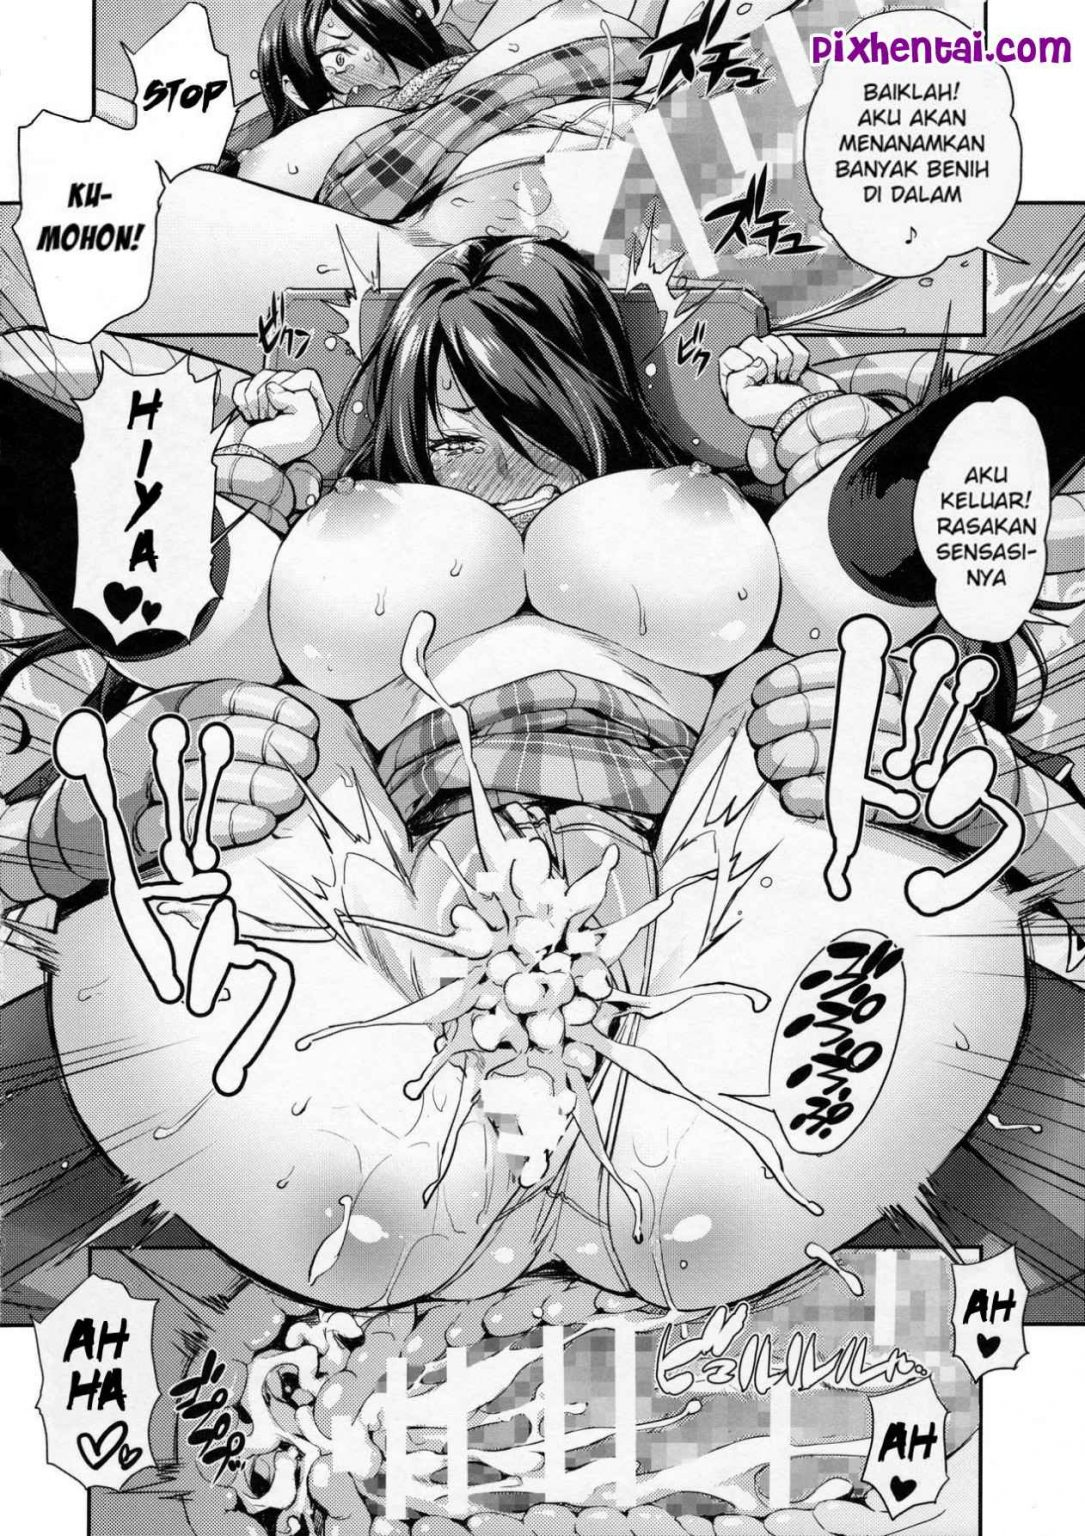 Komik Hentai Ngentot Satu Persatu Idol Seksi Manga Sex Porn Doujin XXX Bokep 11